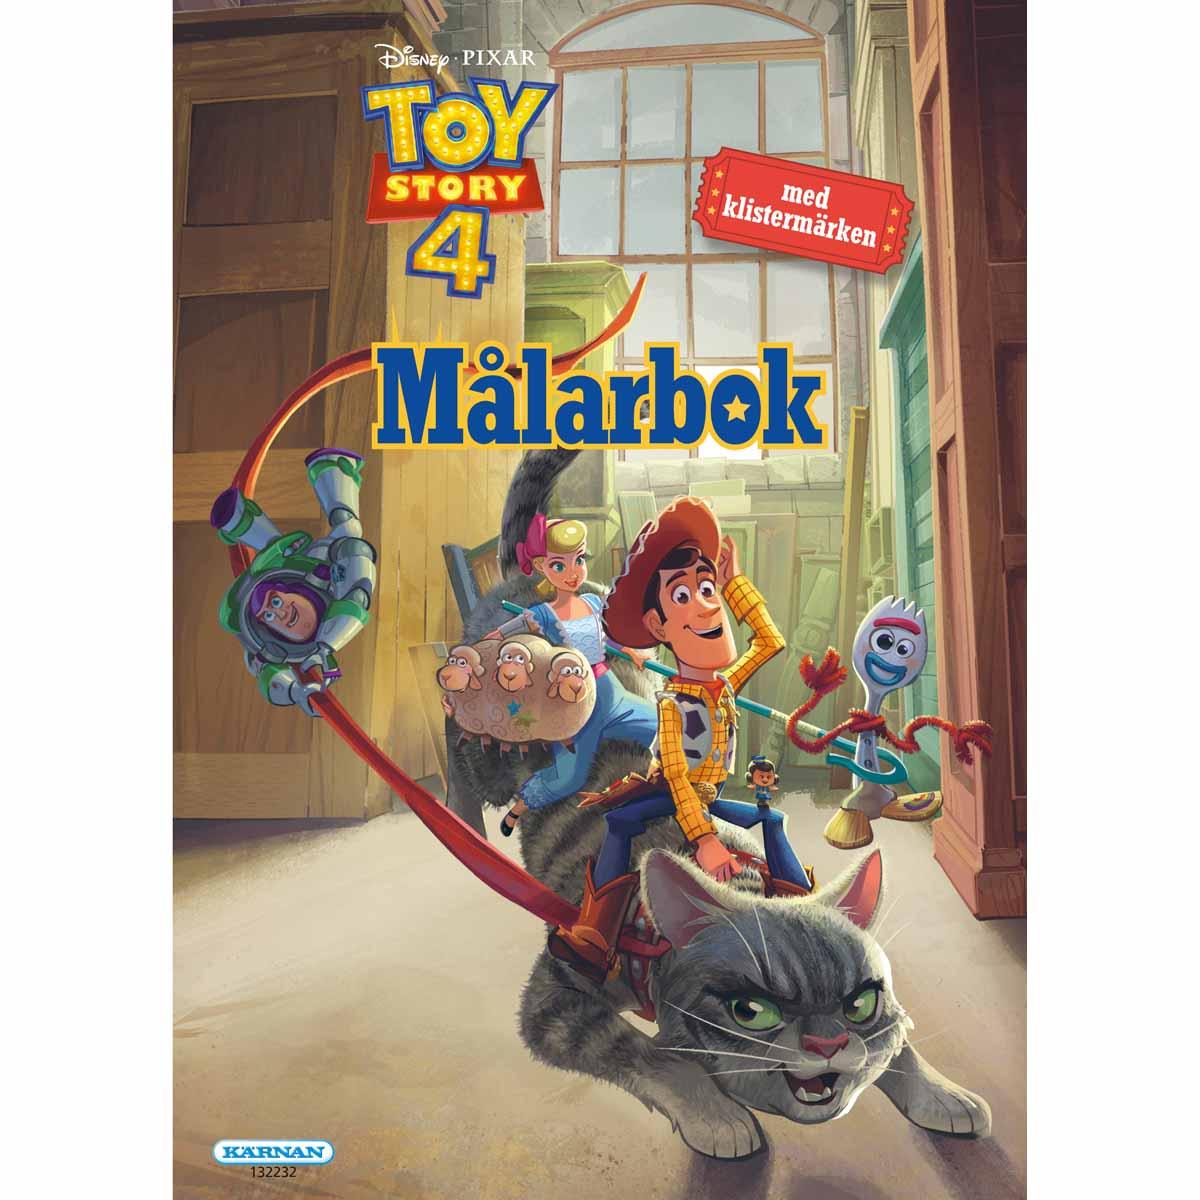 Målarbok Toy Story 4 Med Klistermärken